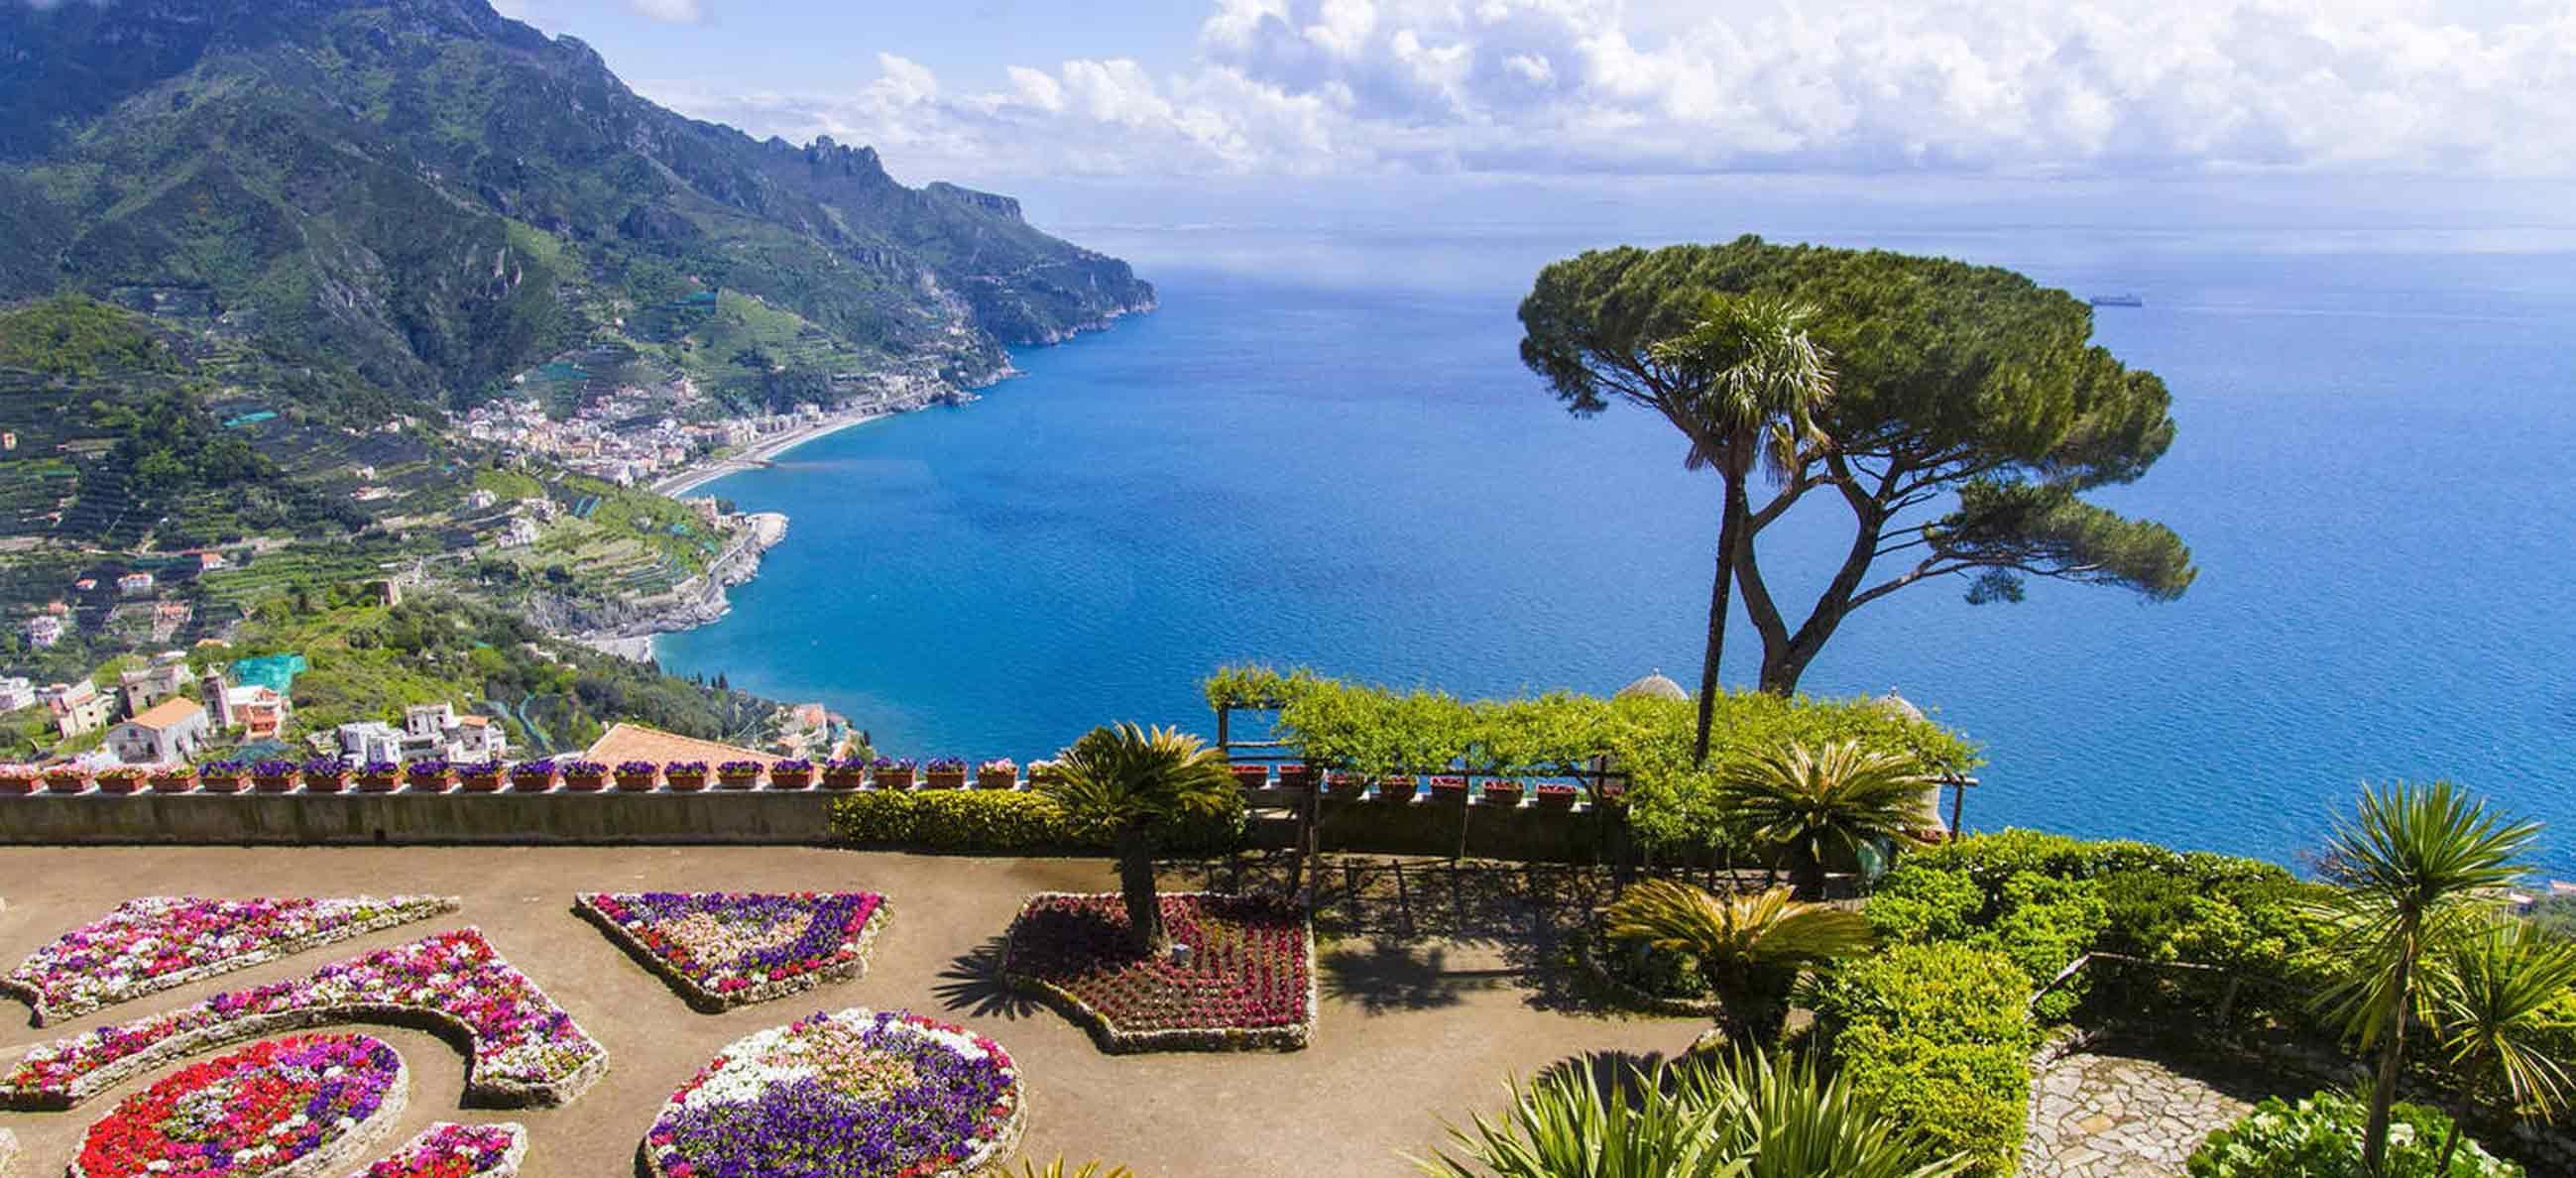 Città del Vino: Convention di Primavera nella Costiera Amalfitana